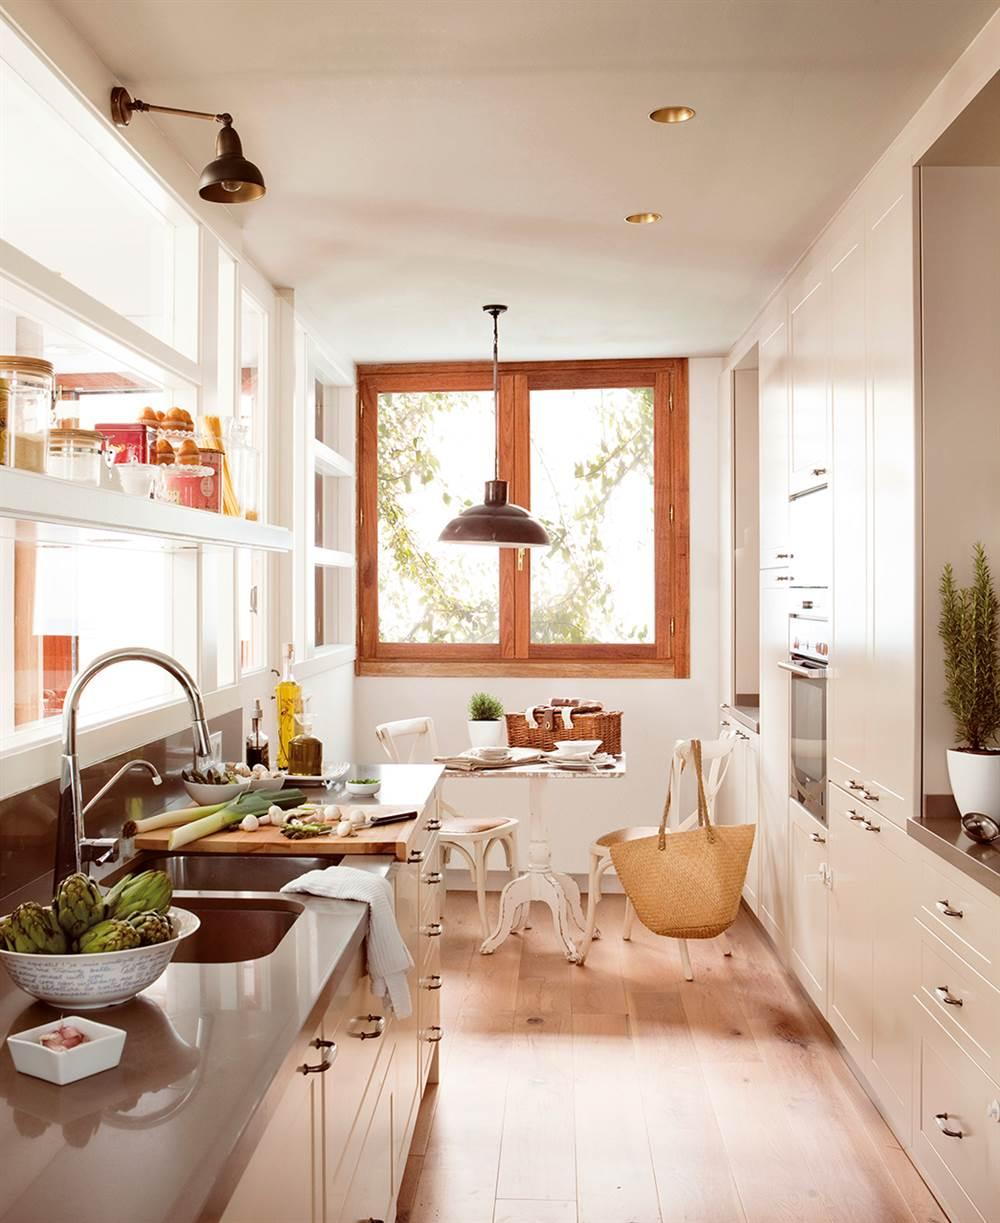 Ideas para redise ar tu cocina - Ideas para cocina ...